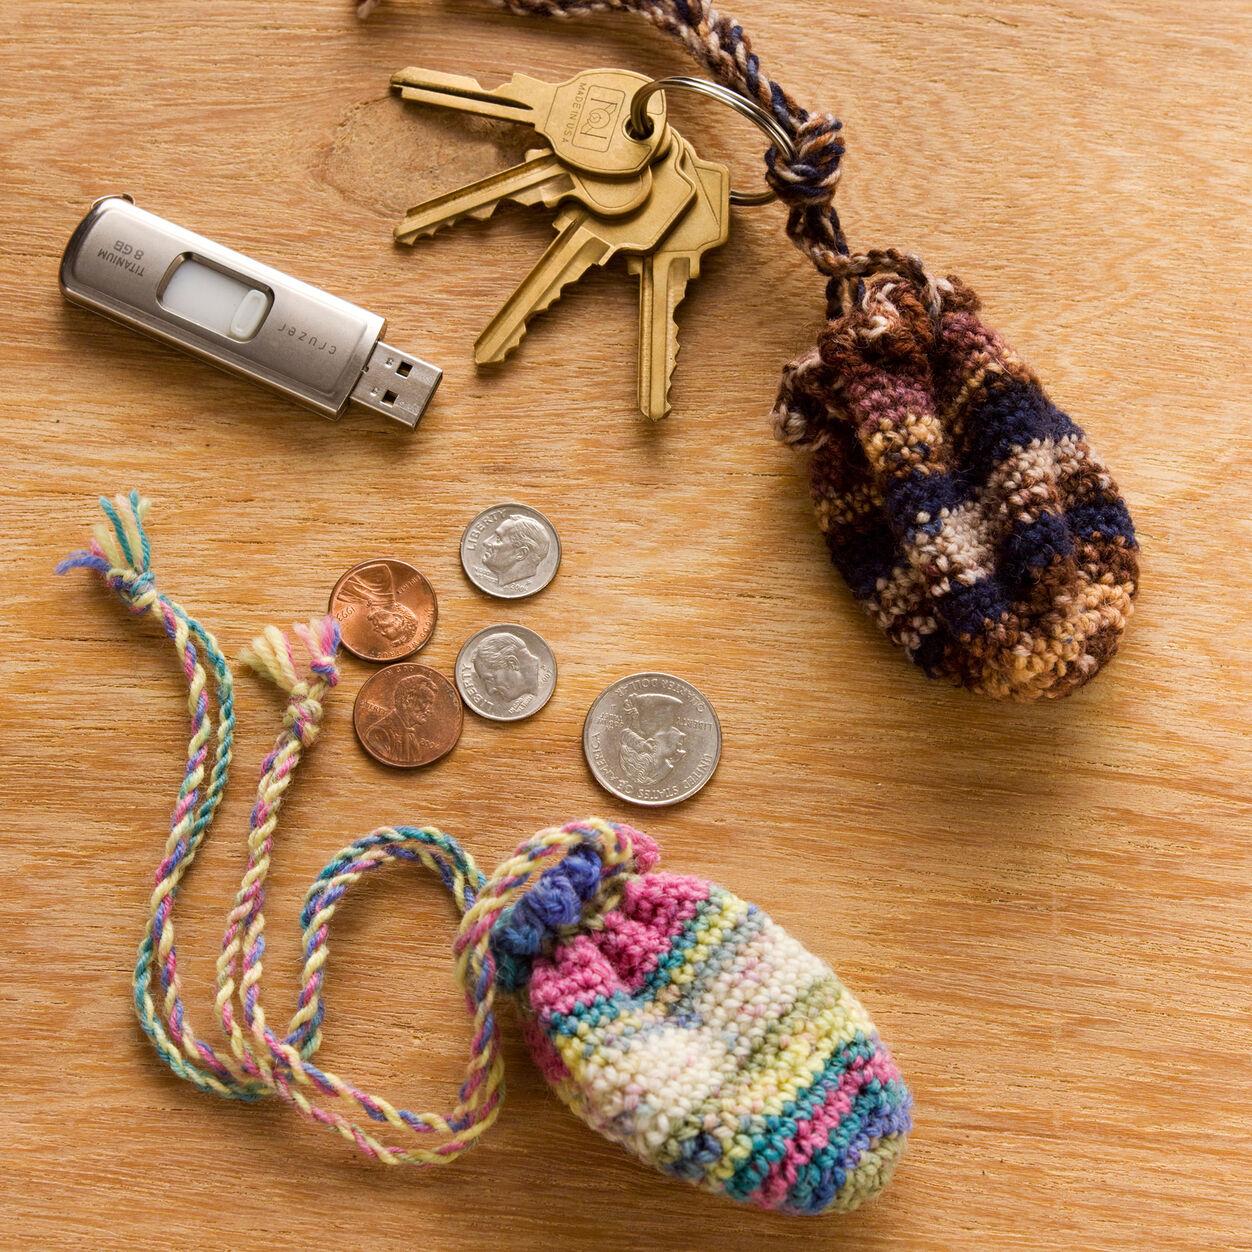 Что связать из остатков пряжи? 5 интересных идей вязание,рукоделие